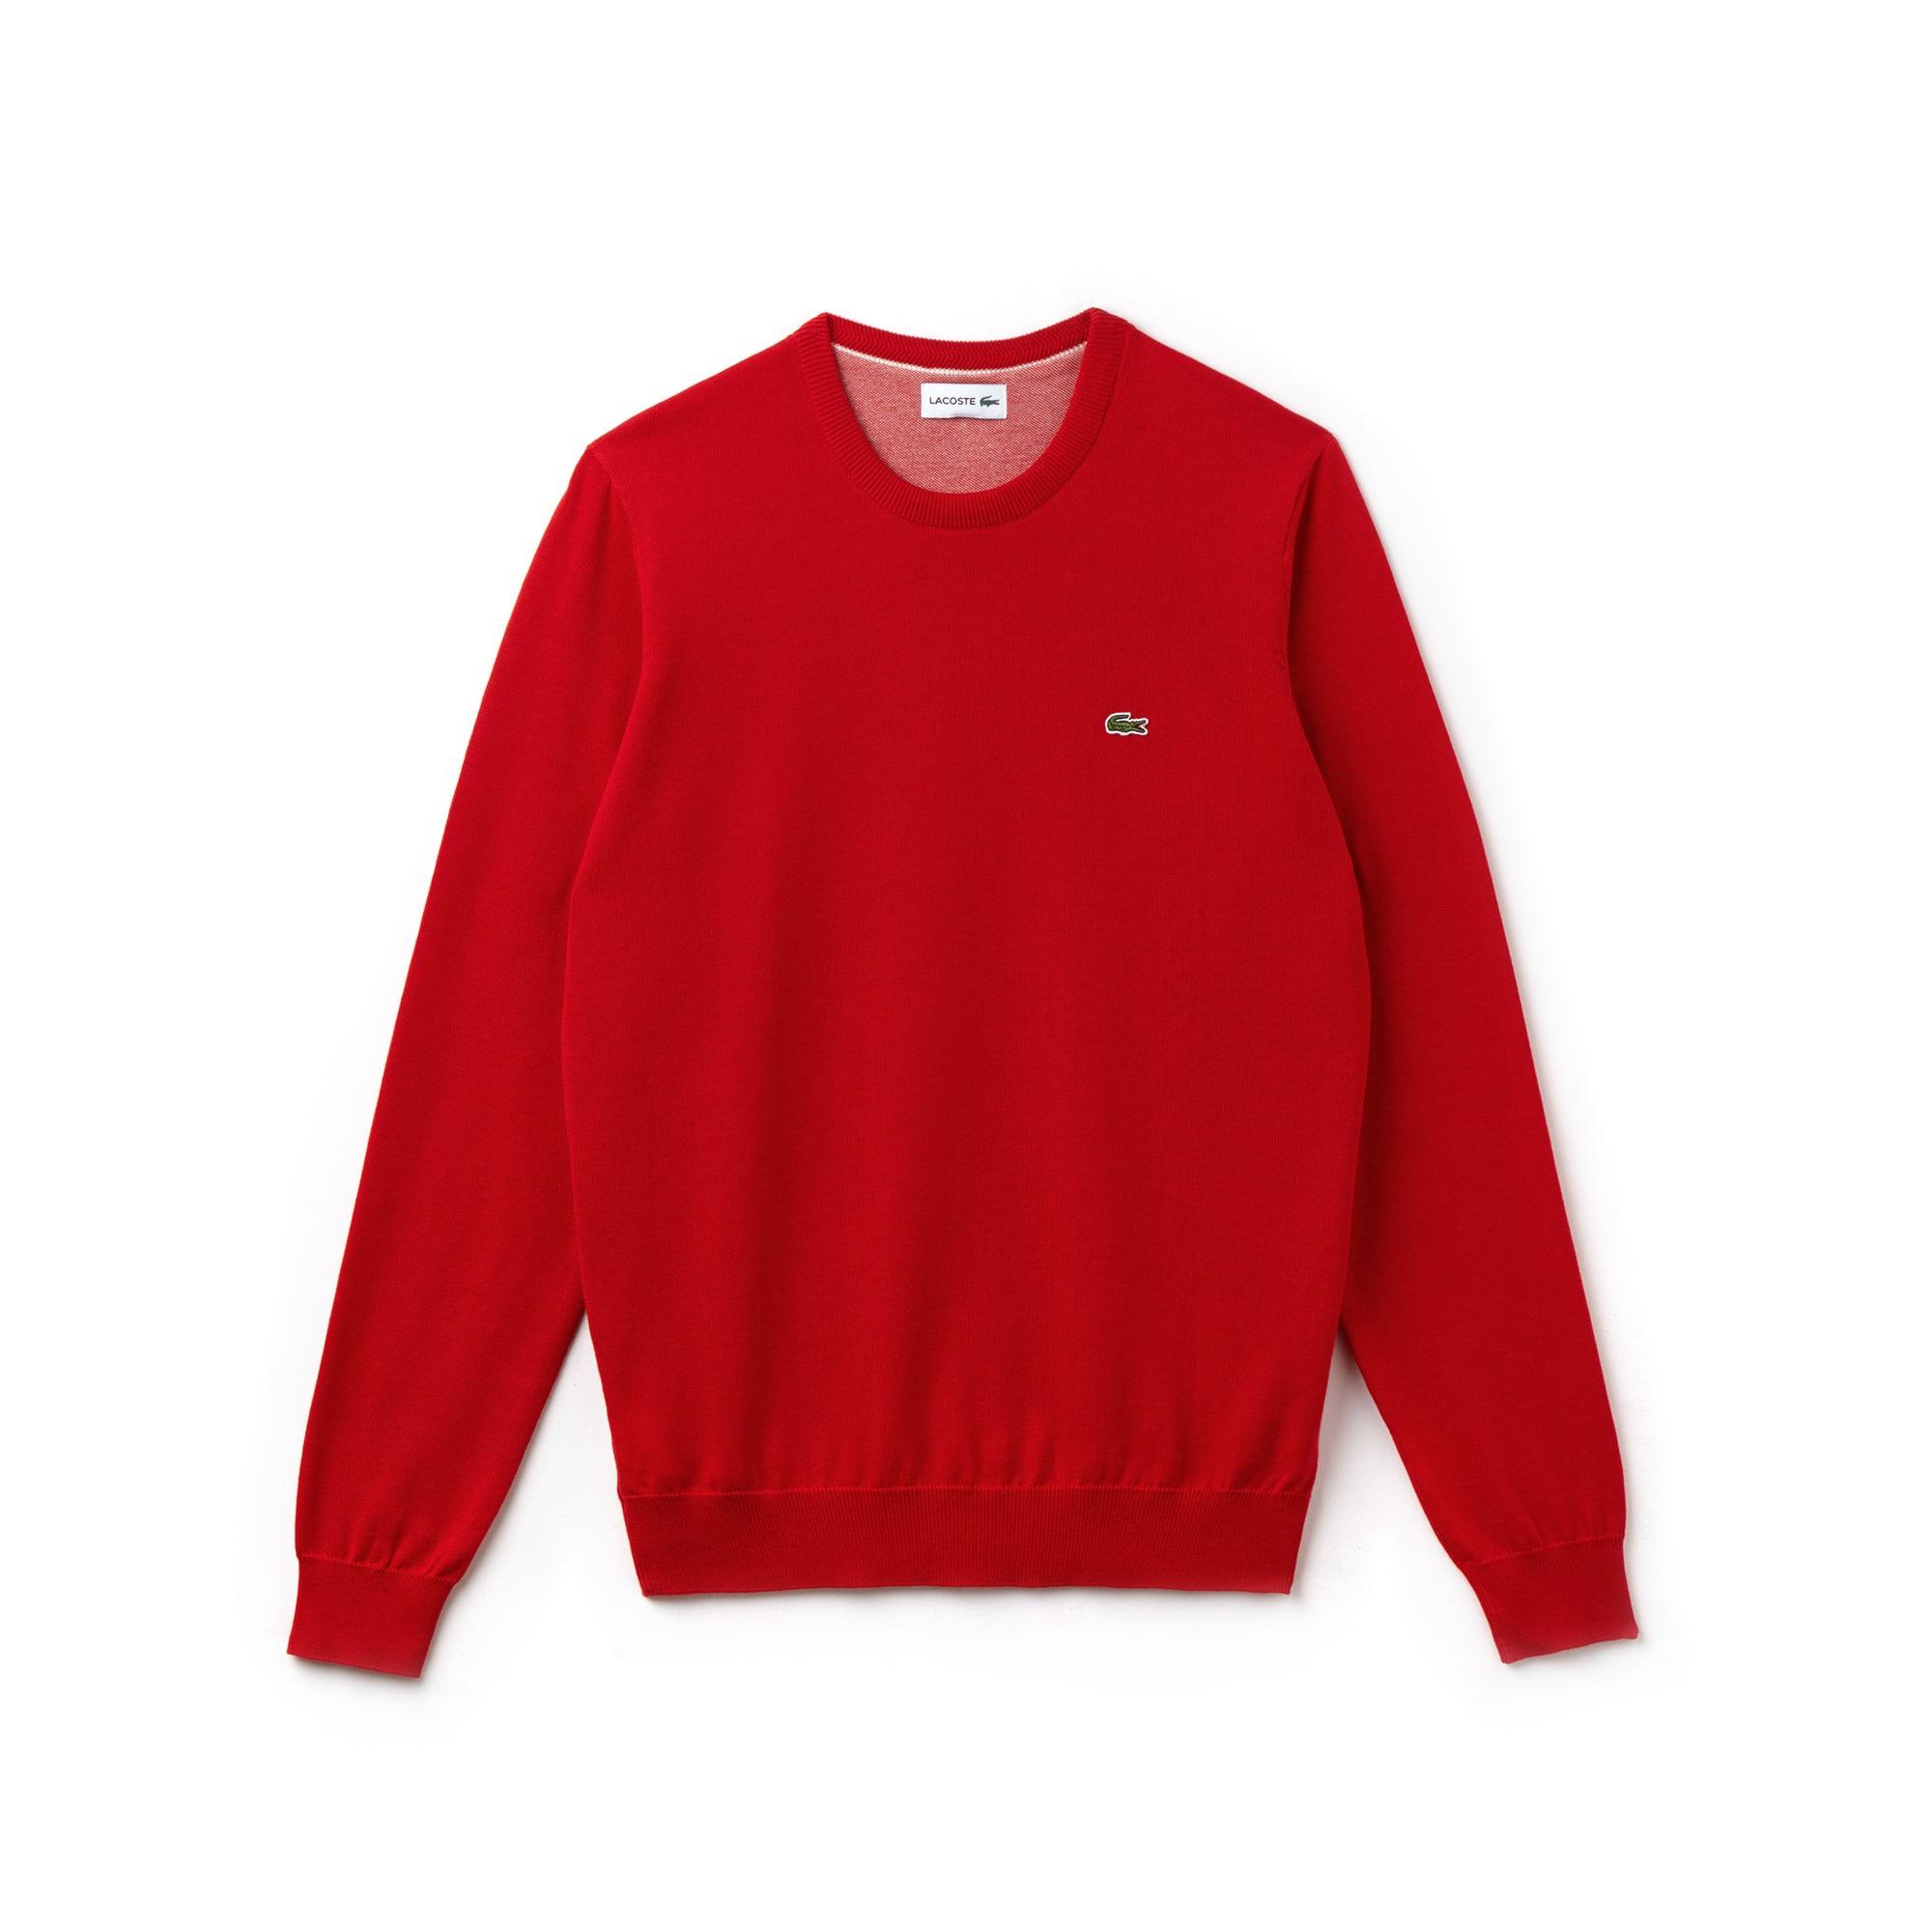 Jersey con cuello redondo de punto jersey de algodón liso y detalle piqué caviar